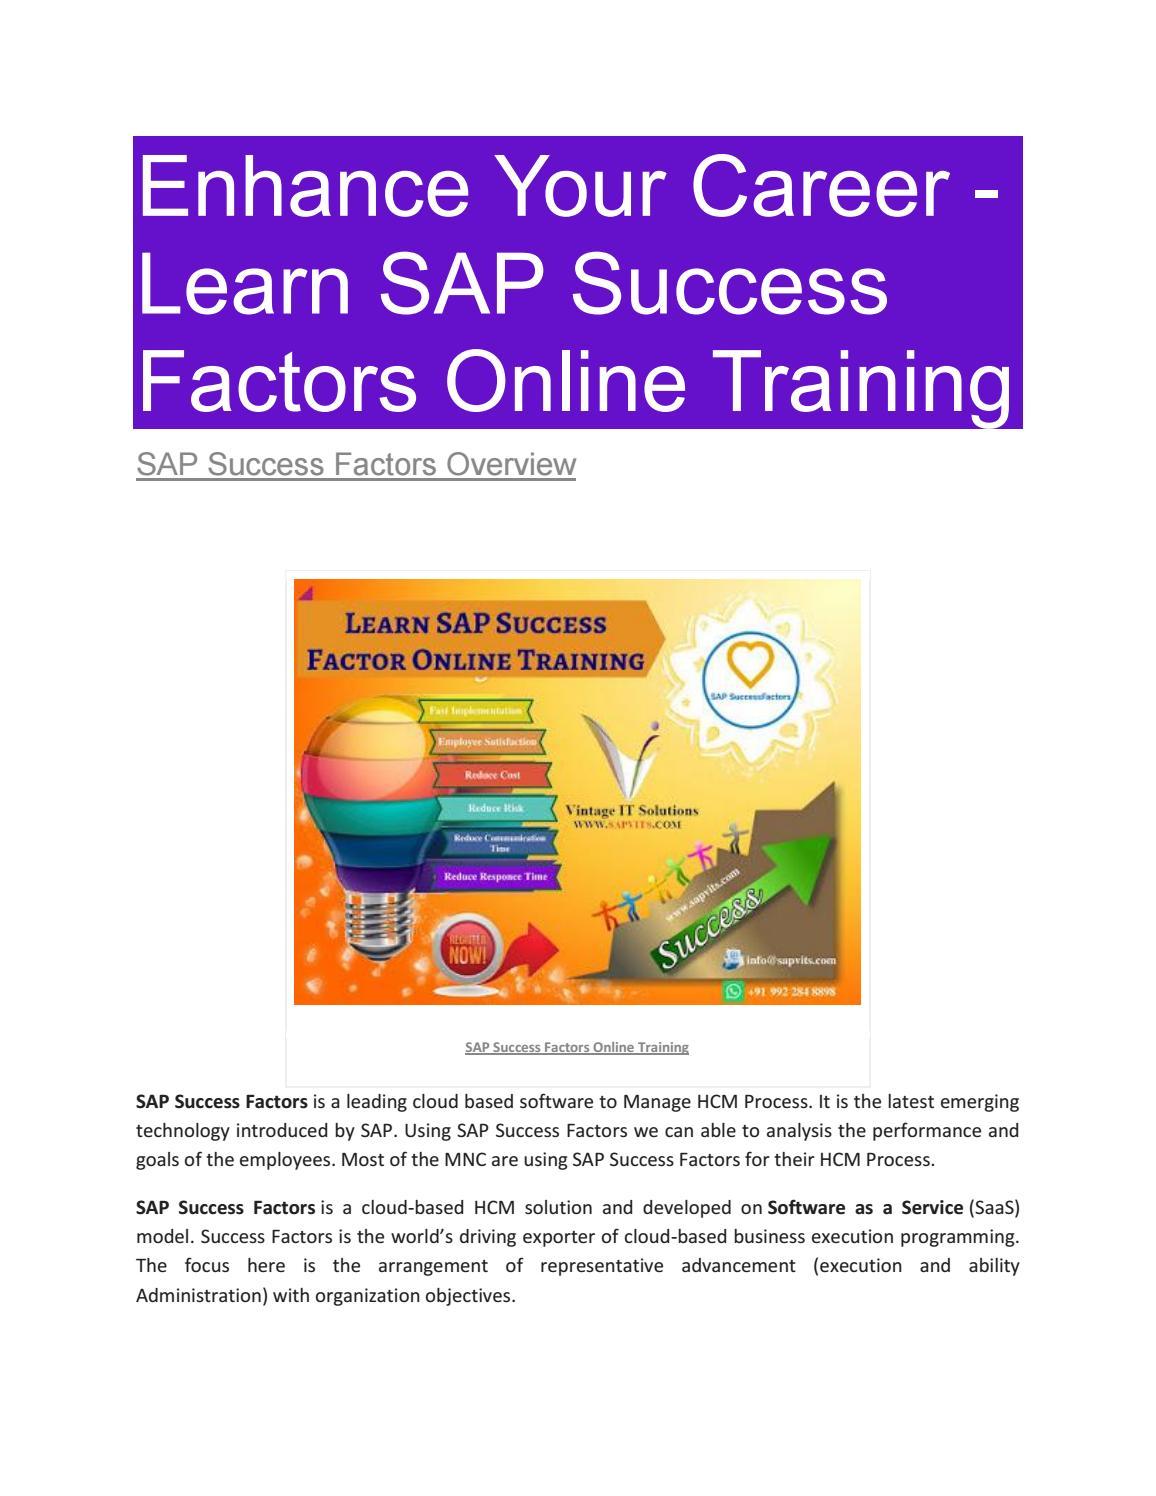 SAP Success factor PDF by shruti allentics - issuu